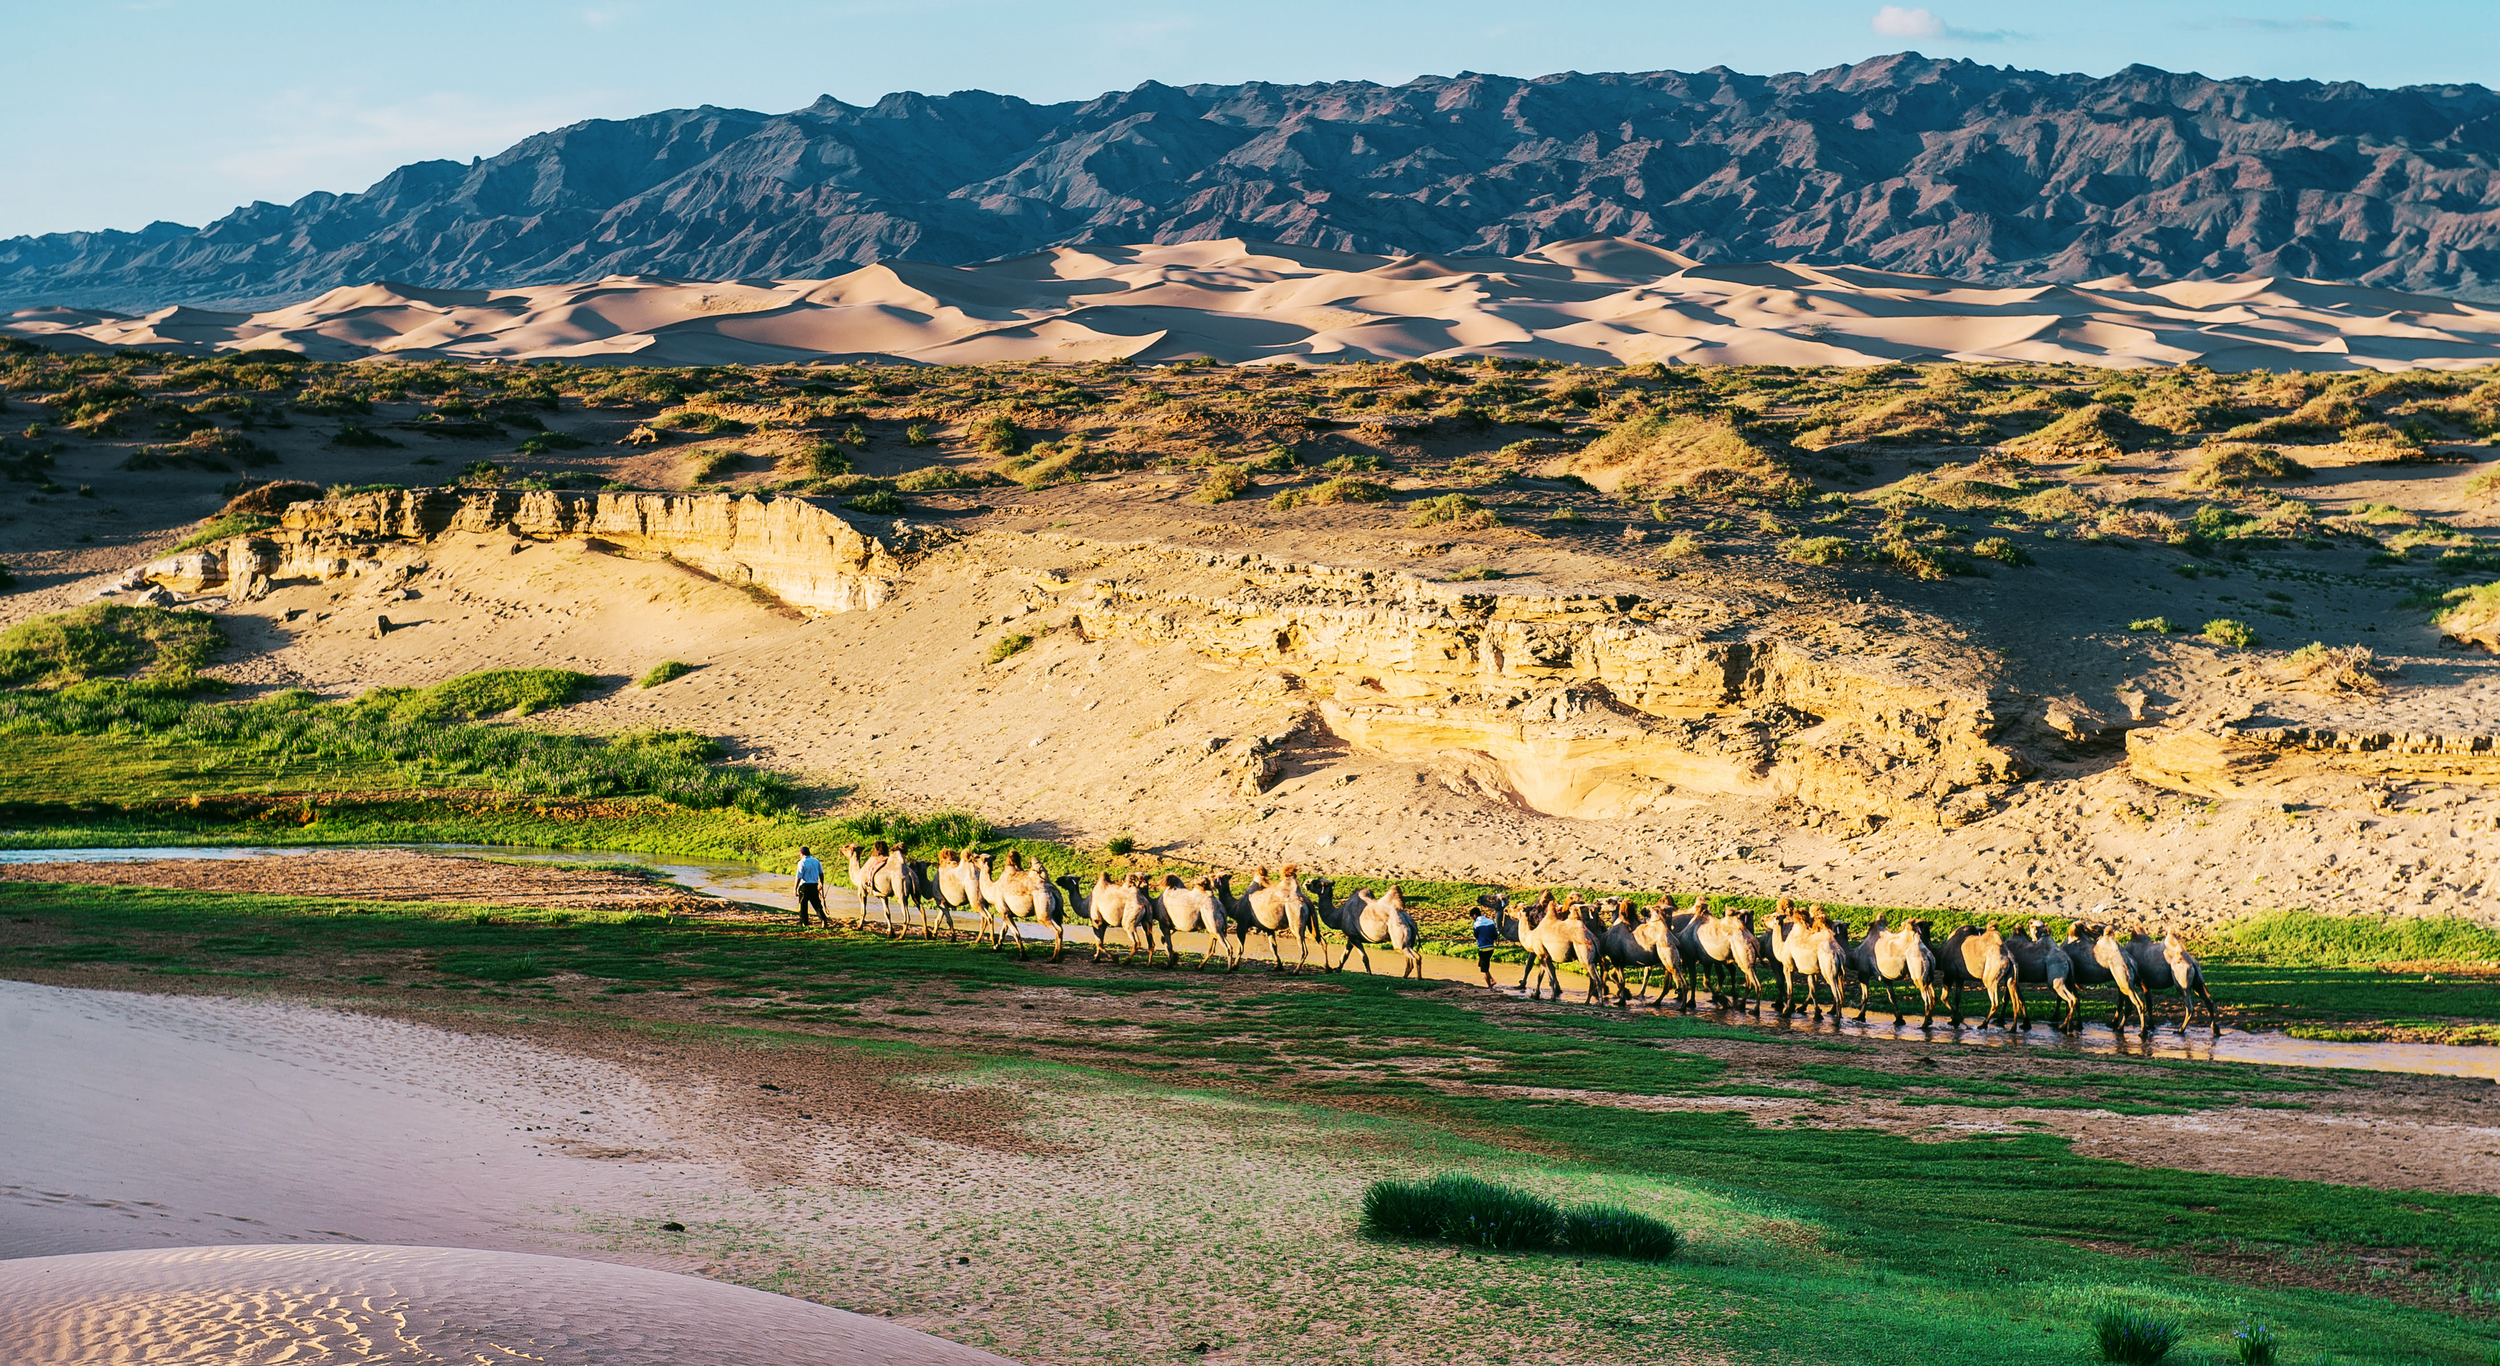 Mongolia hoteis e roteiros de viagem